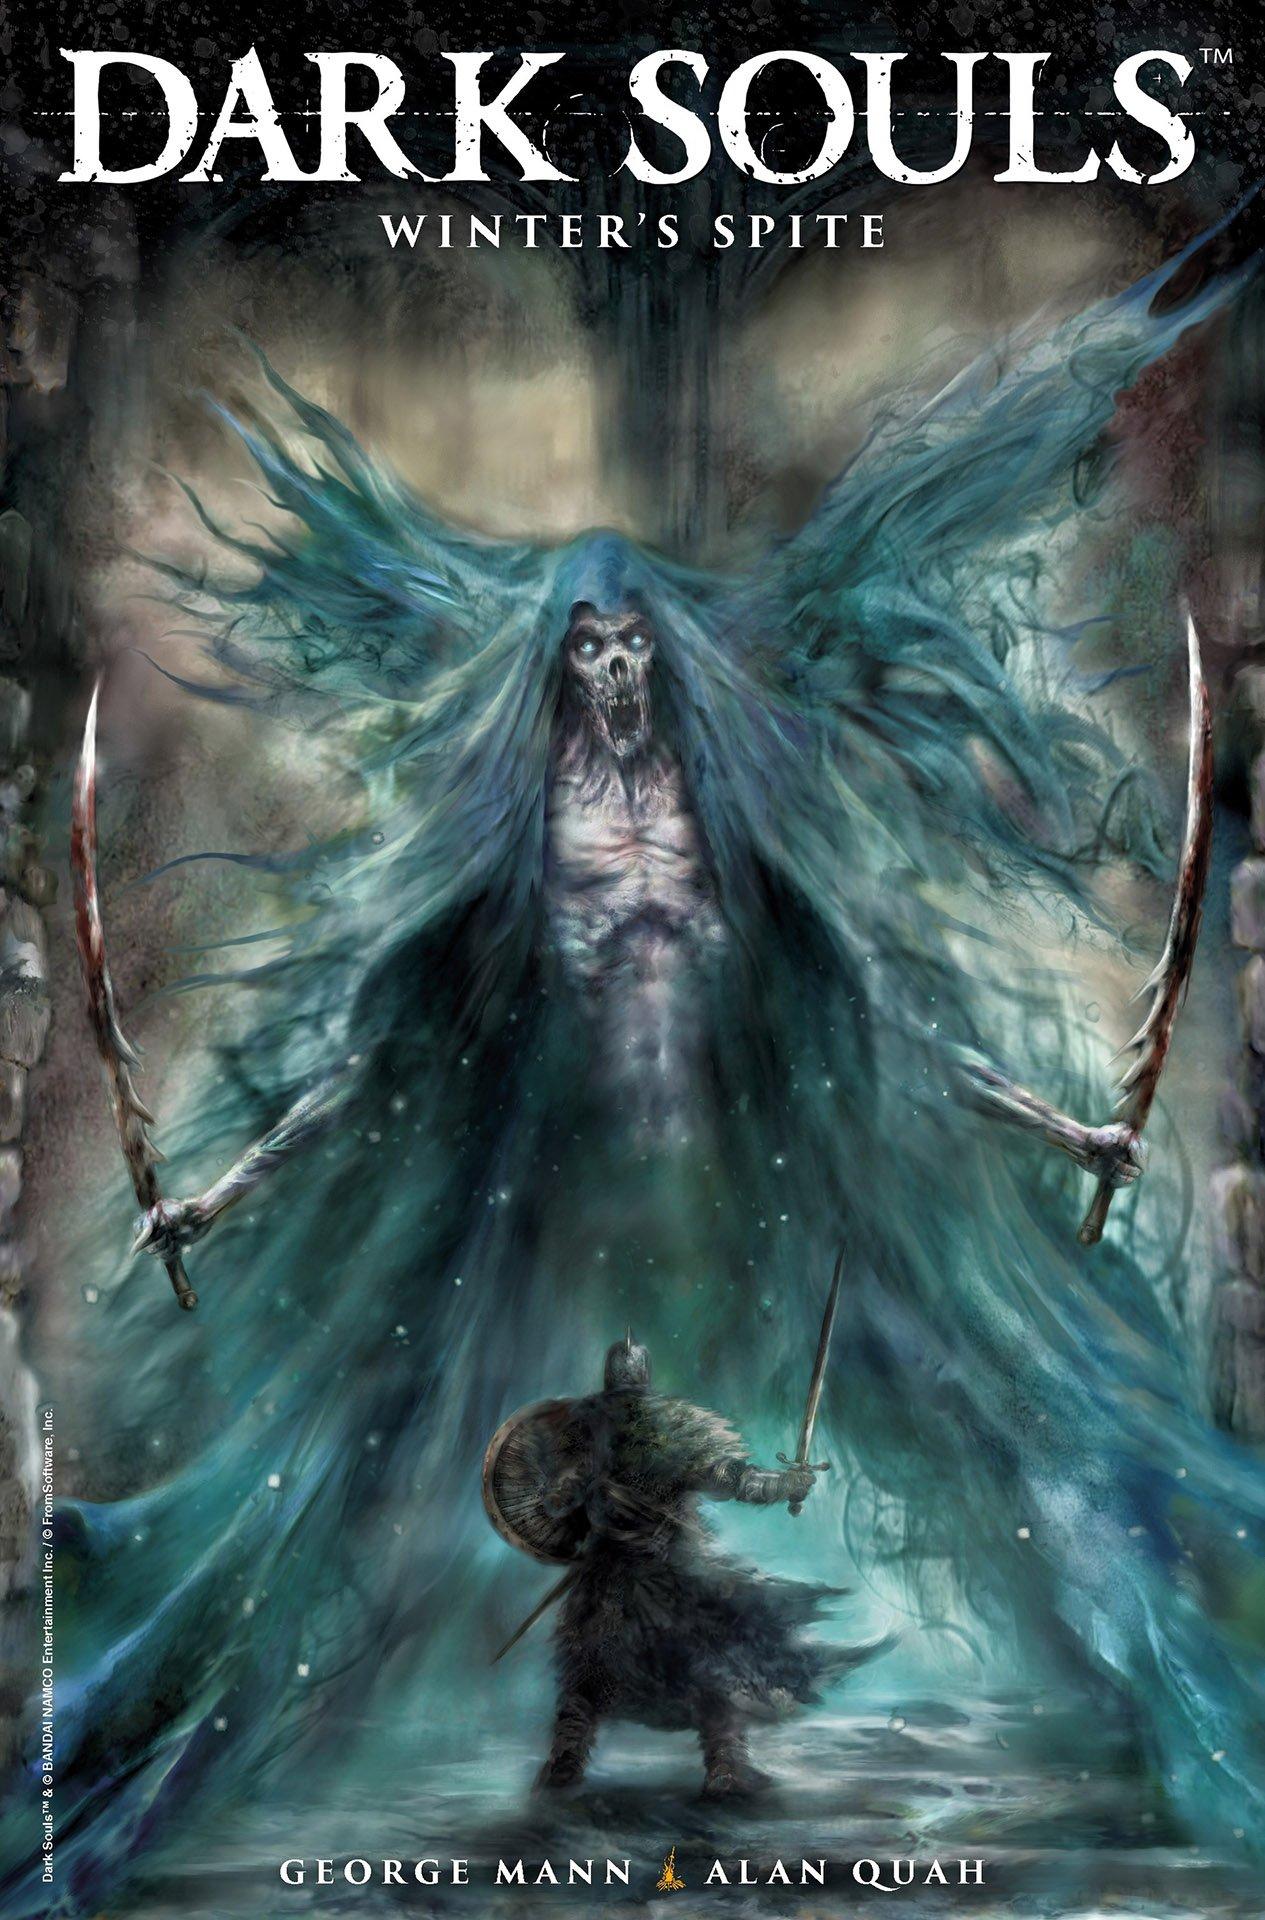 Dark Souls: Winter's Spite 004 (April 2017) (cover b)